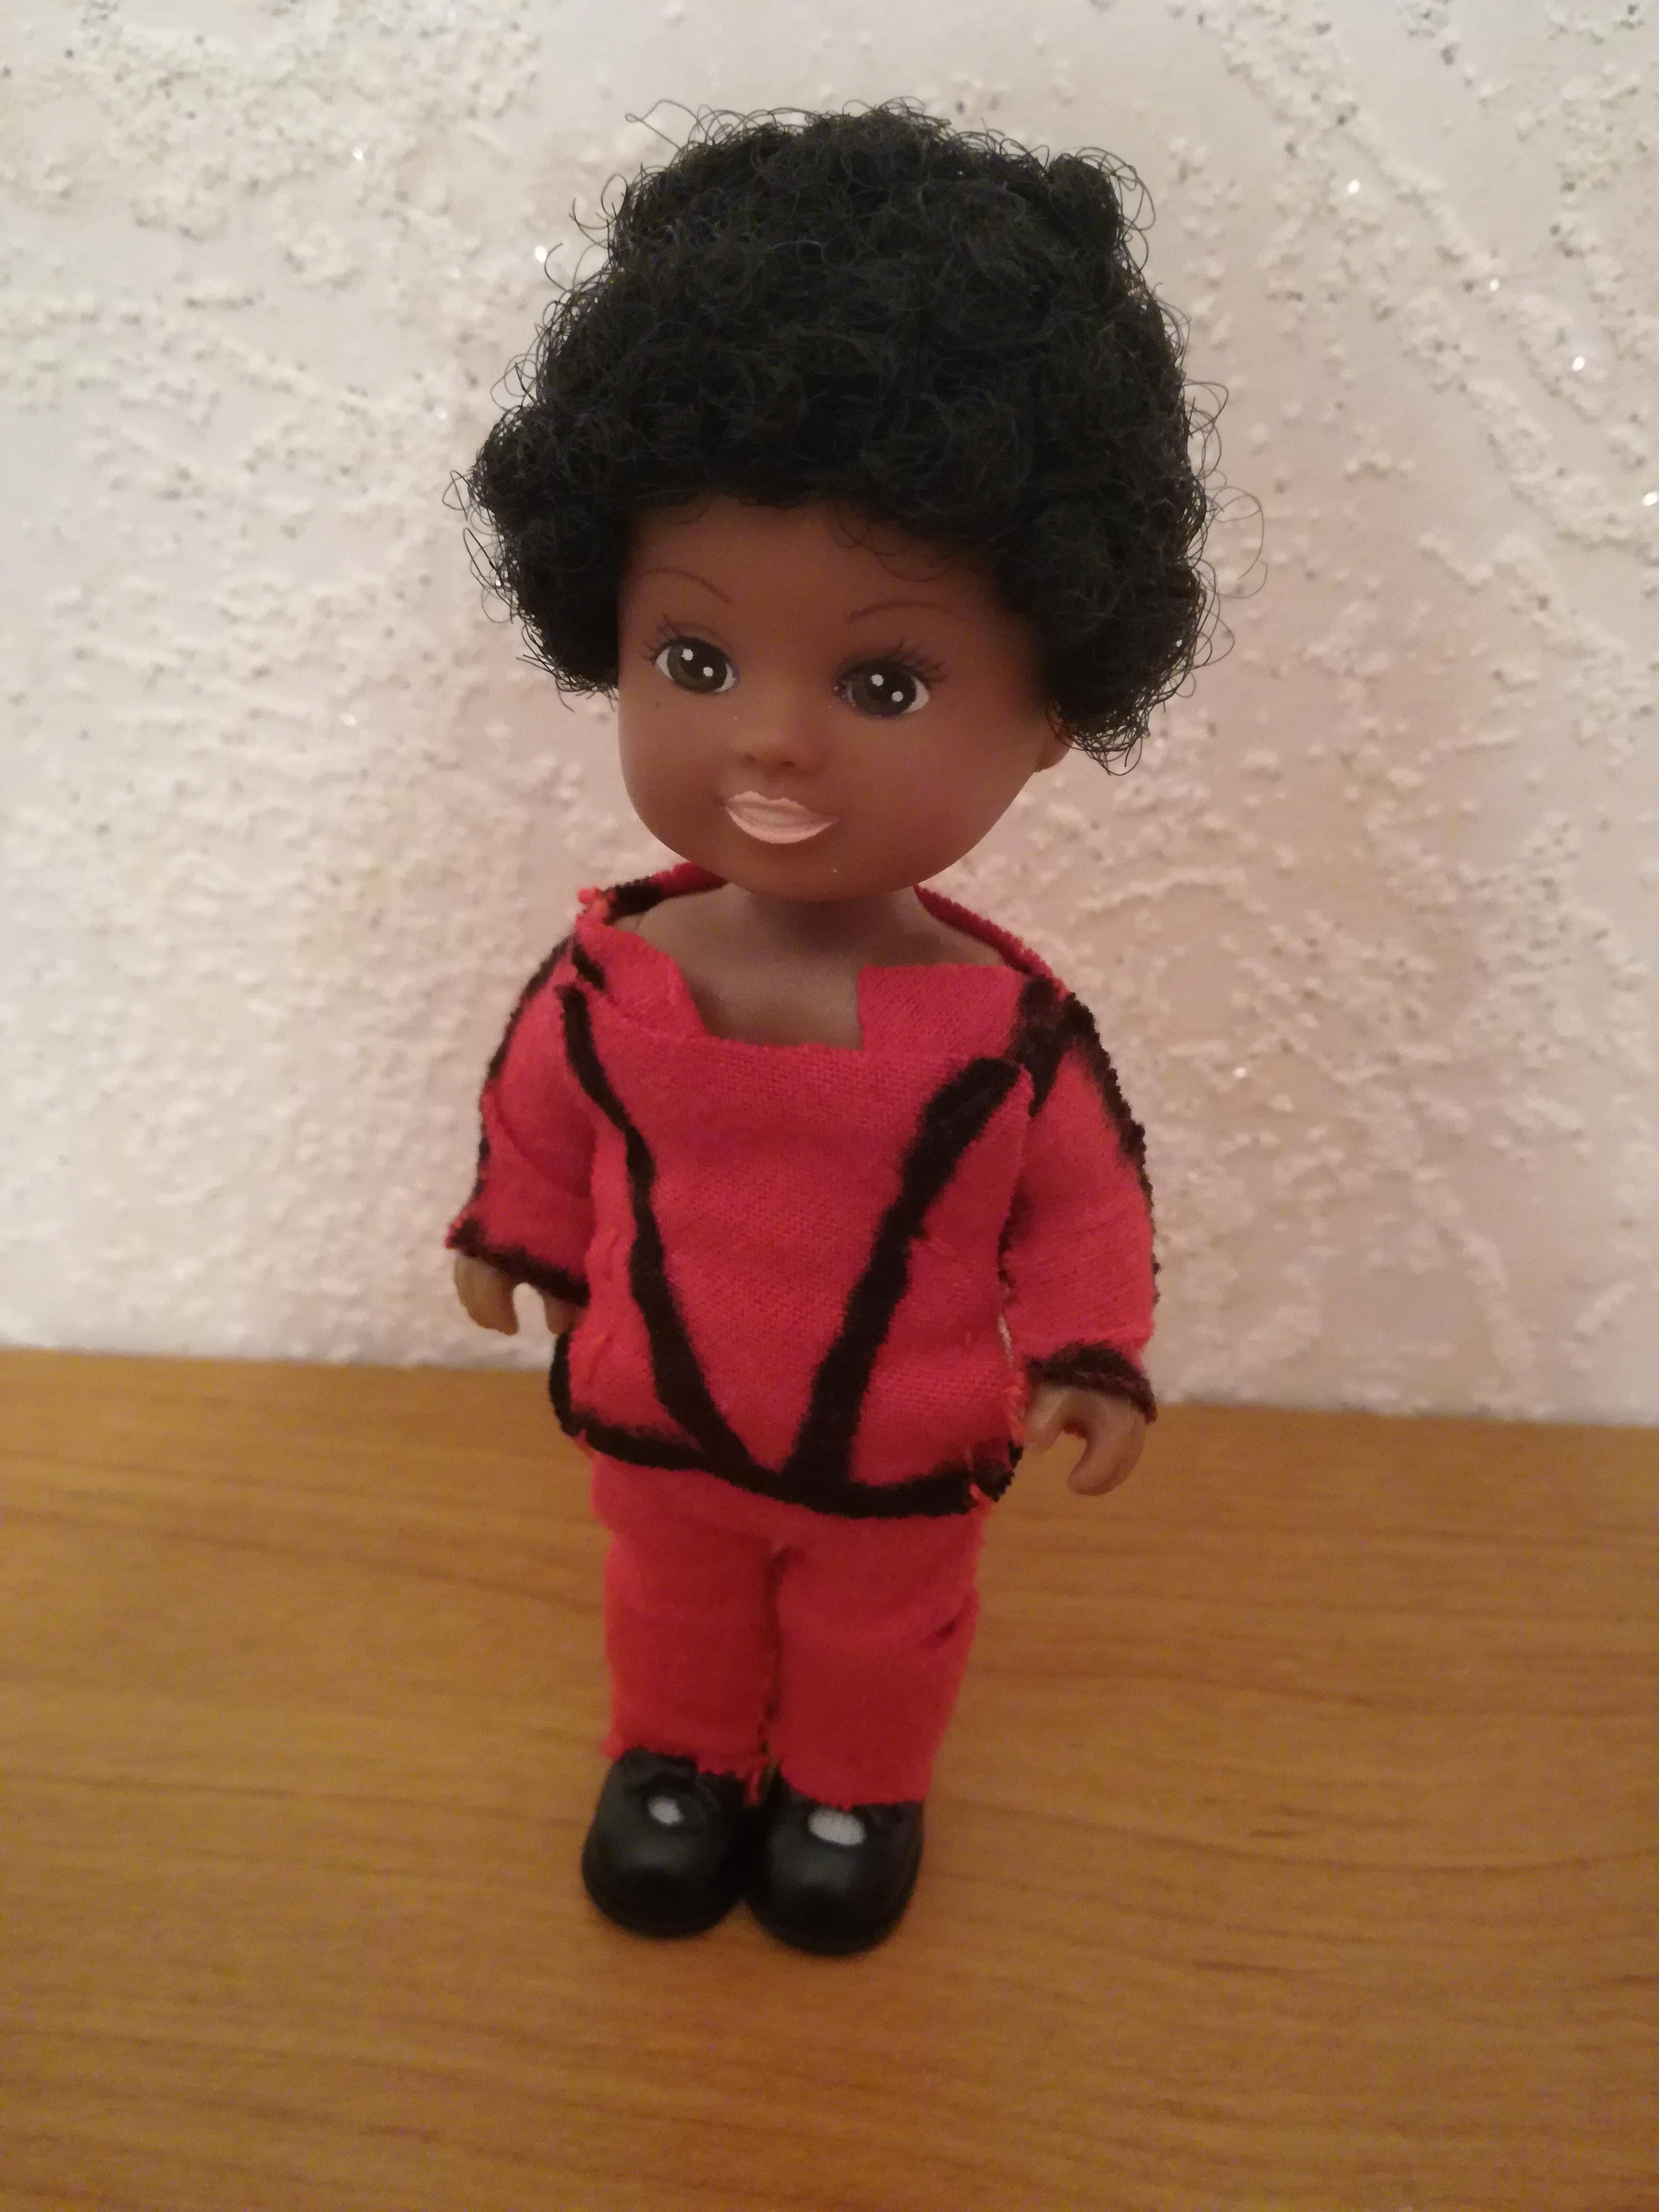 Thriller night doll